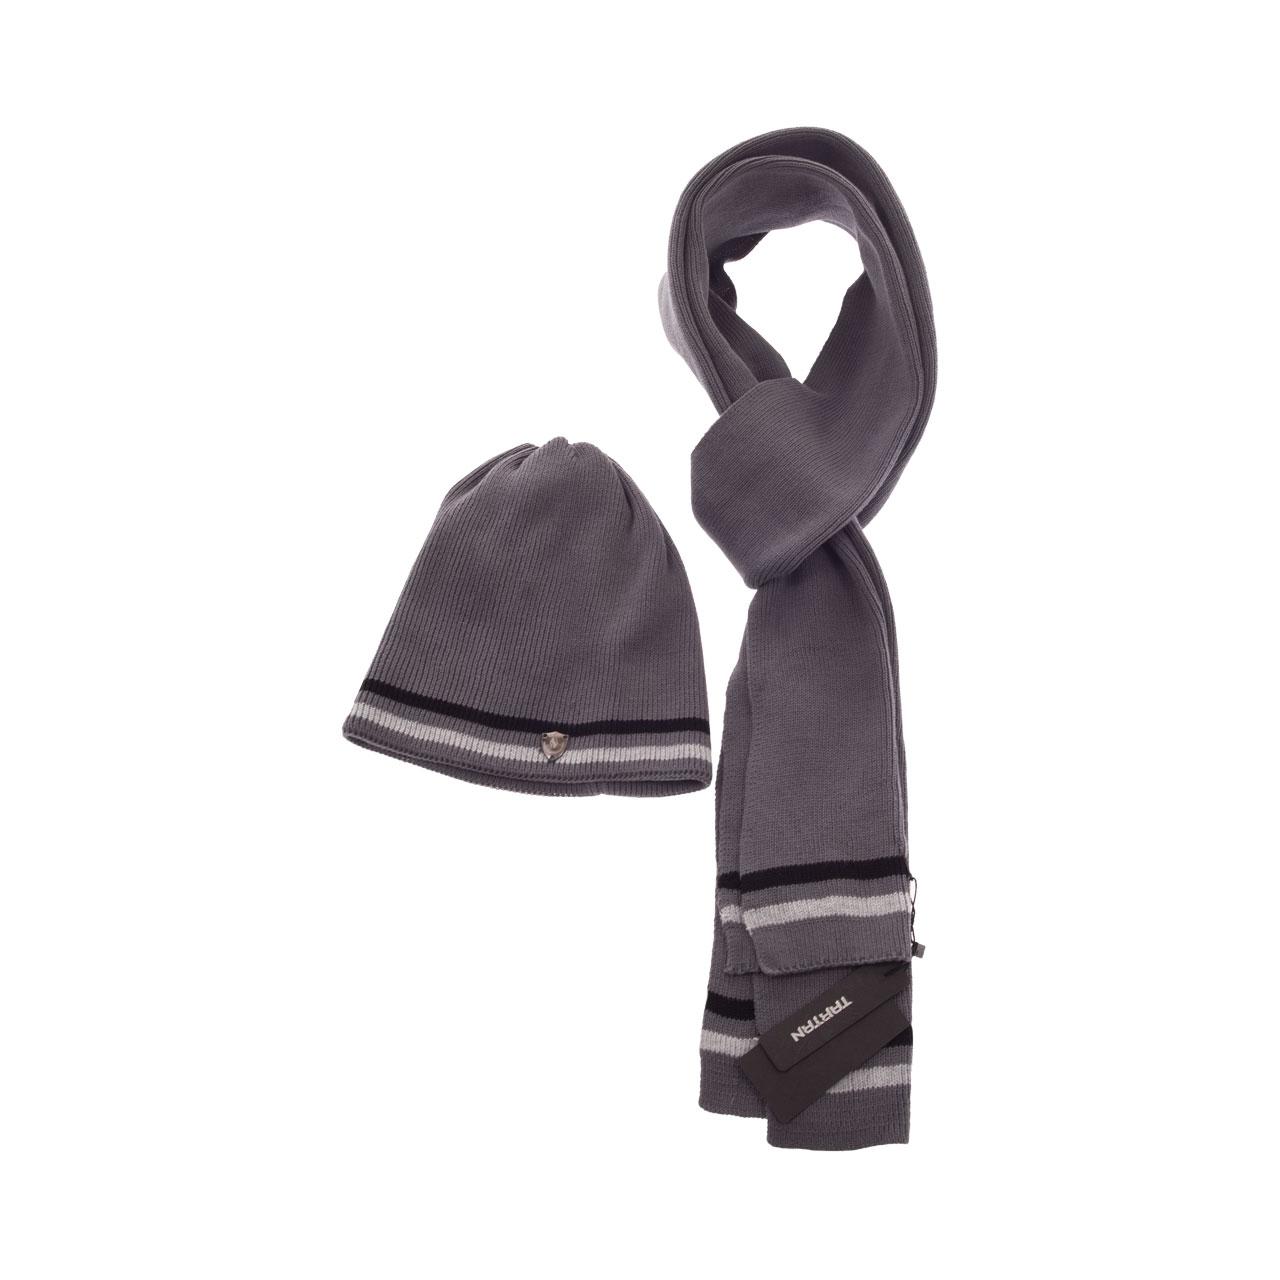 ست شال گردن و کلاه تارتن مدل 543 رنگ خاکستری